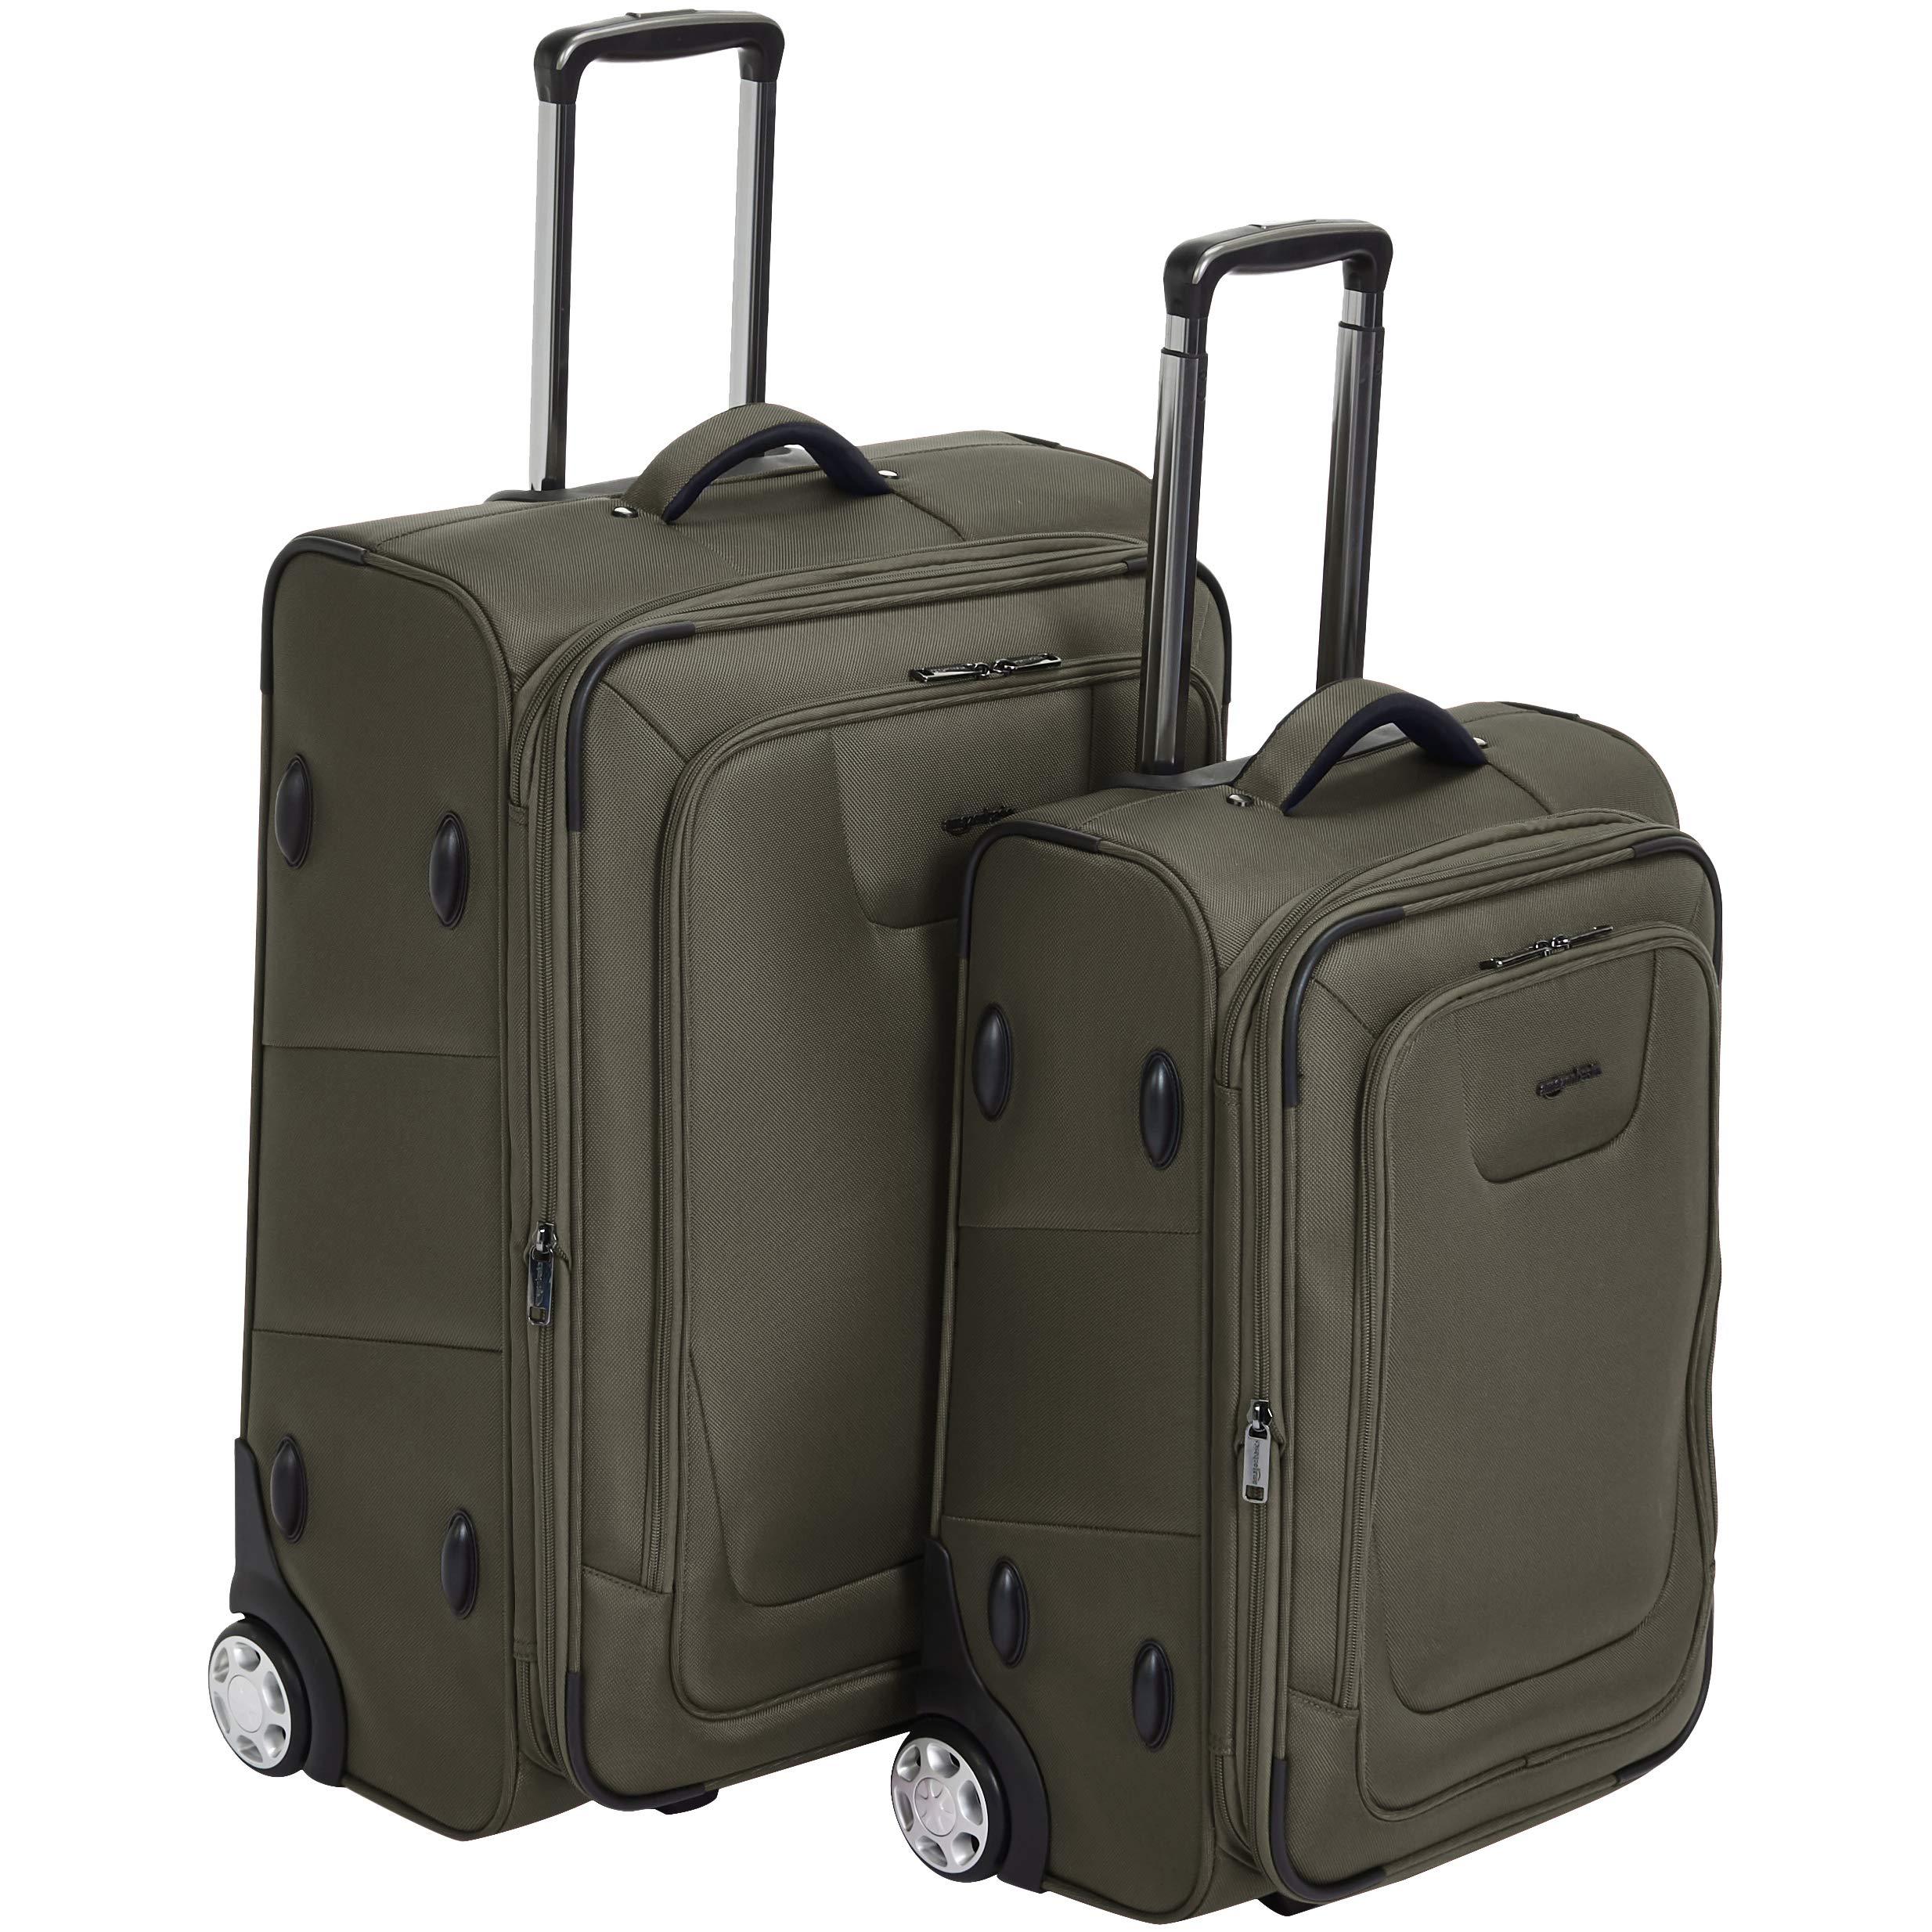 AmazonBasics Premium Upright Expandable Softside Suitcase with TSA Lock 2-Piece Set - 22/26-Inch, Olive